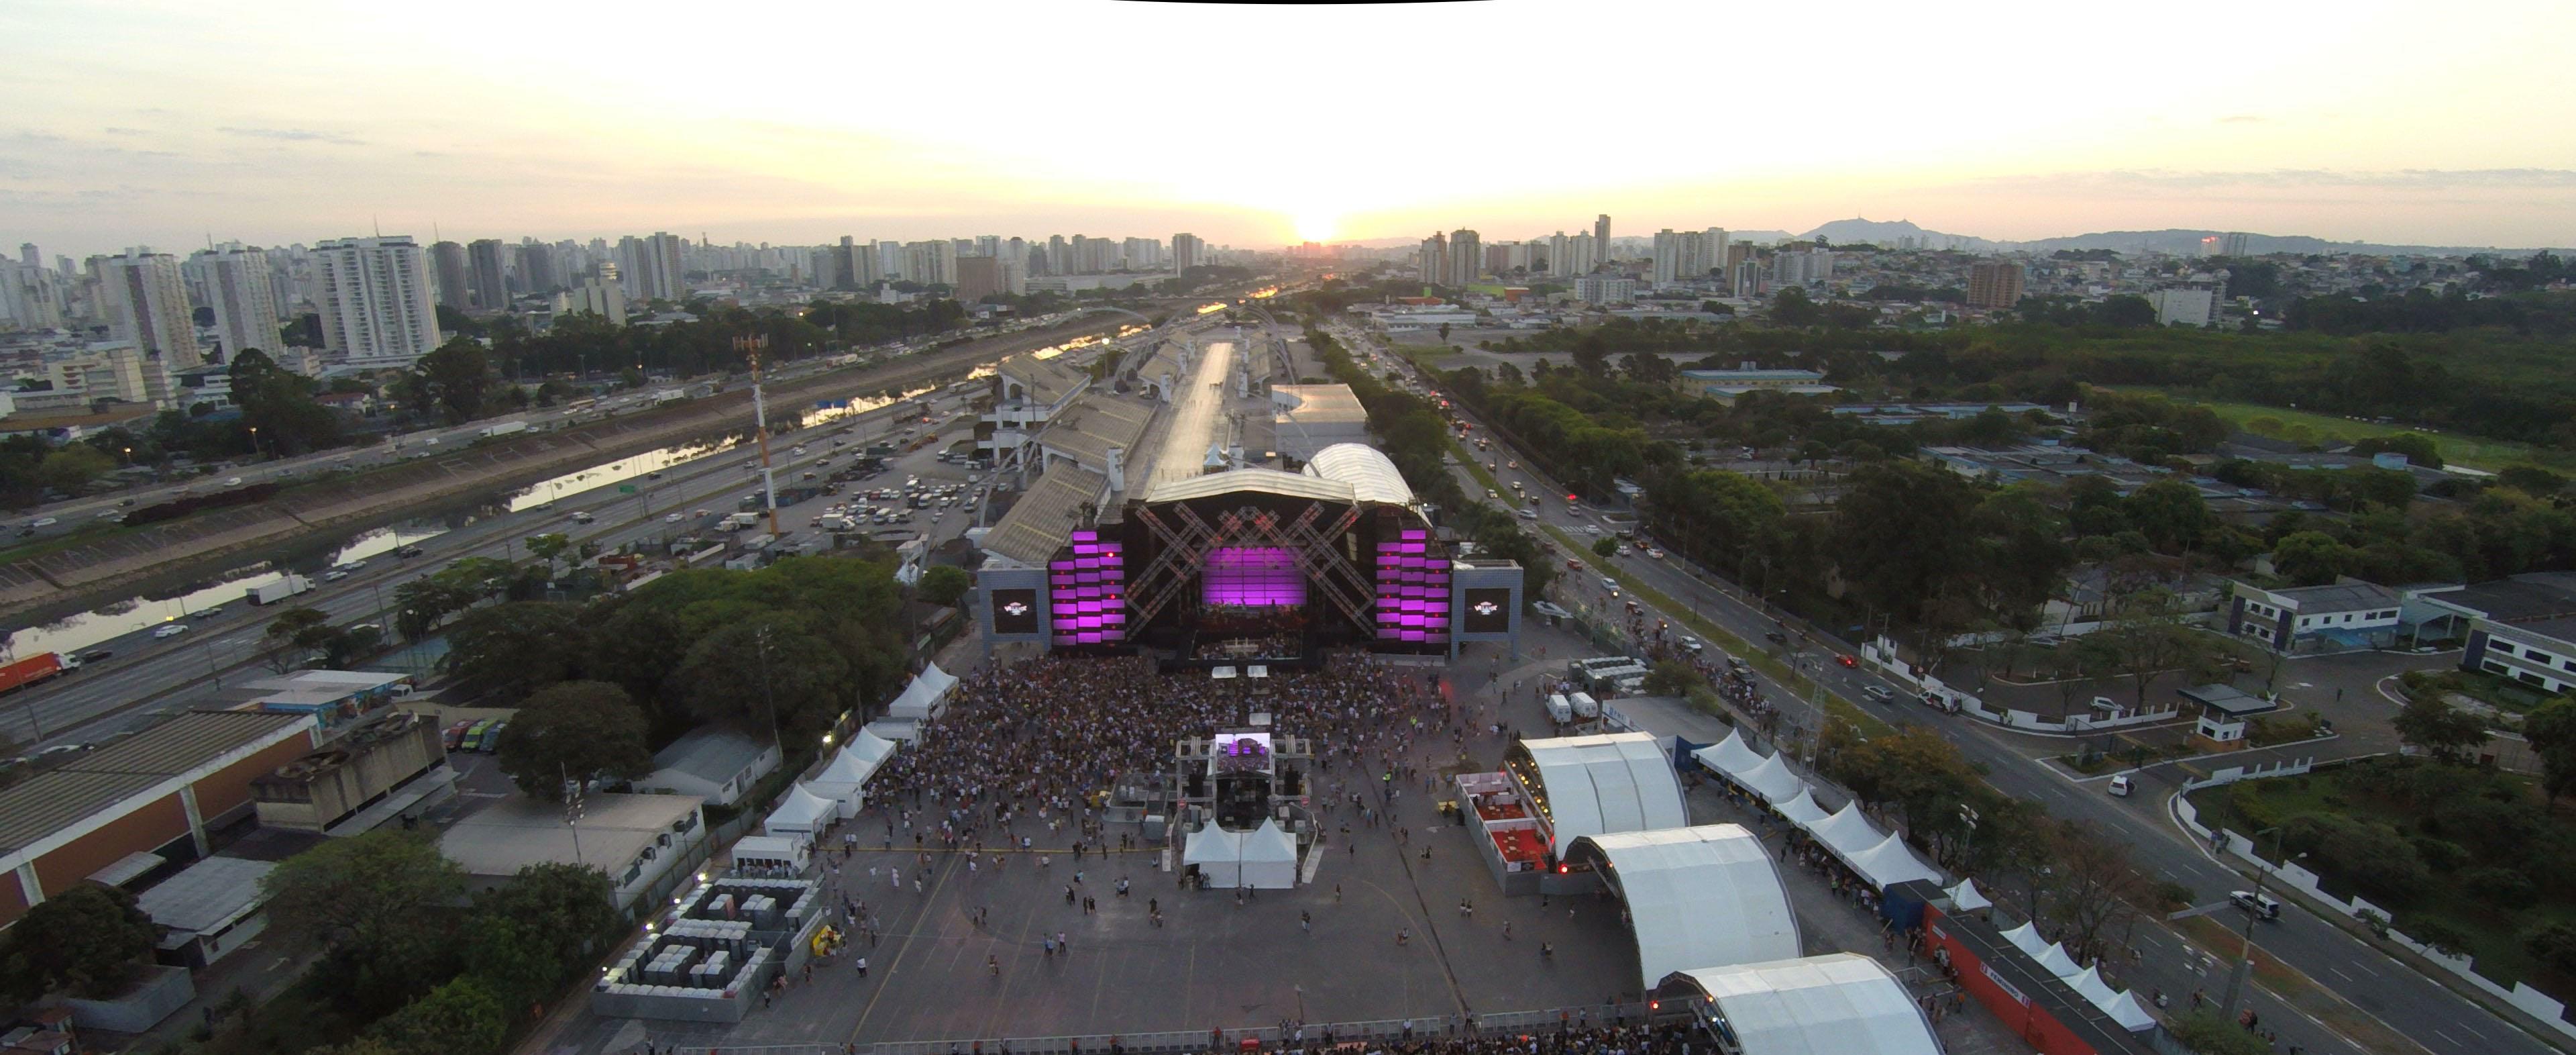 Villa Mix 2015 - São Paulo